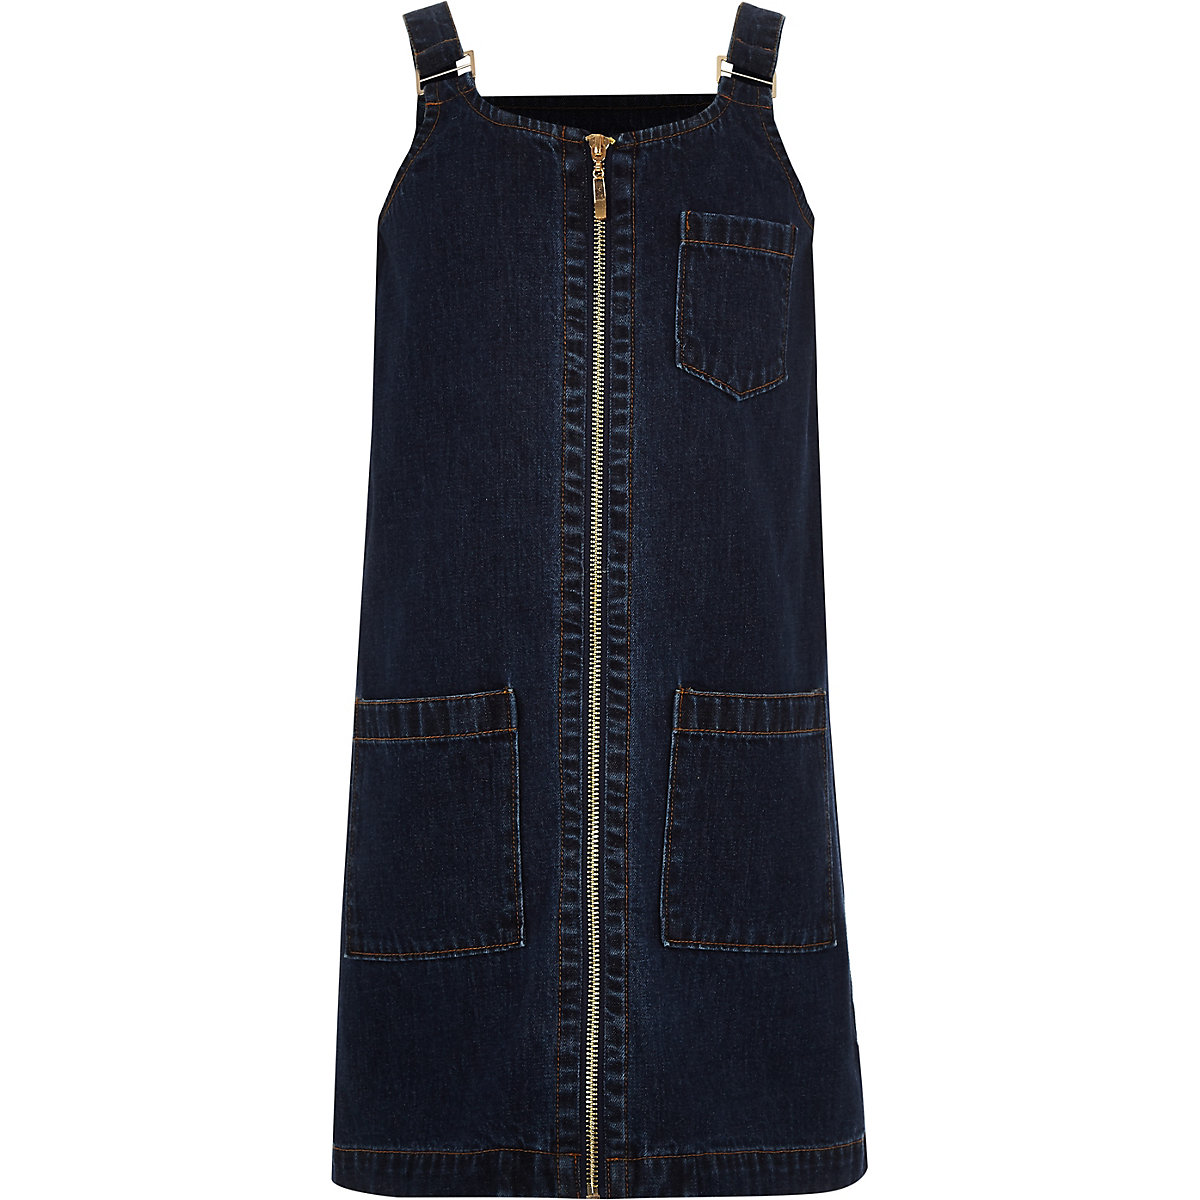 Girls blue denim zip front pinafore dress